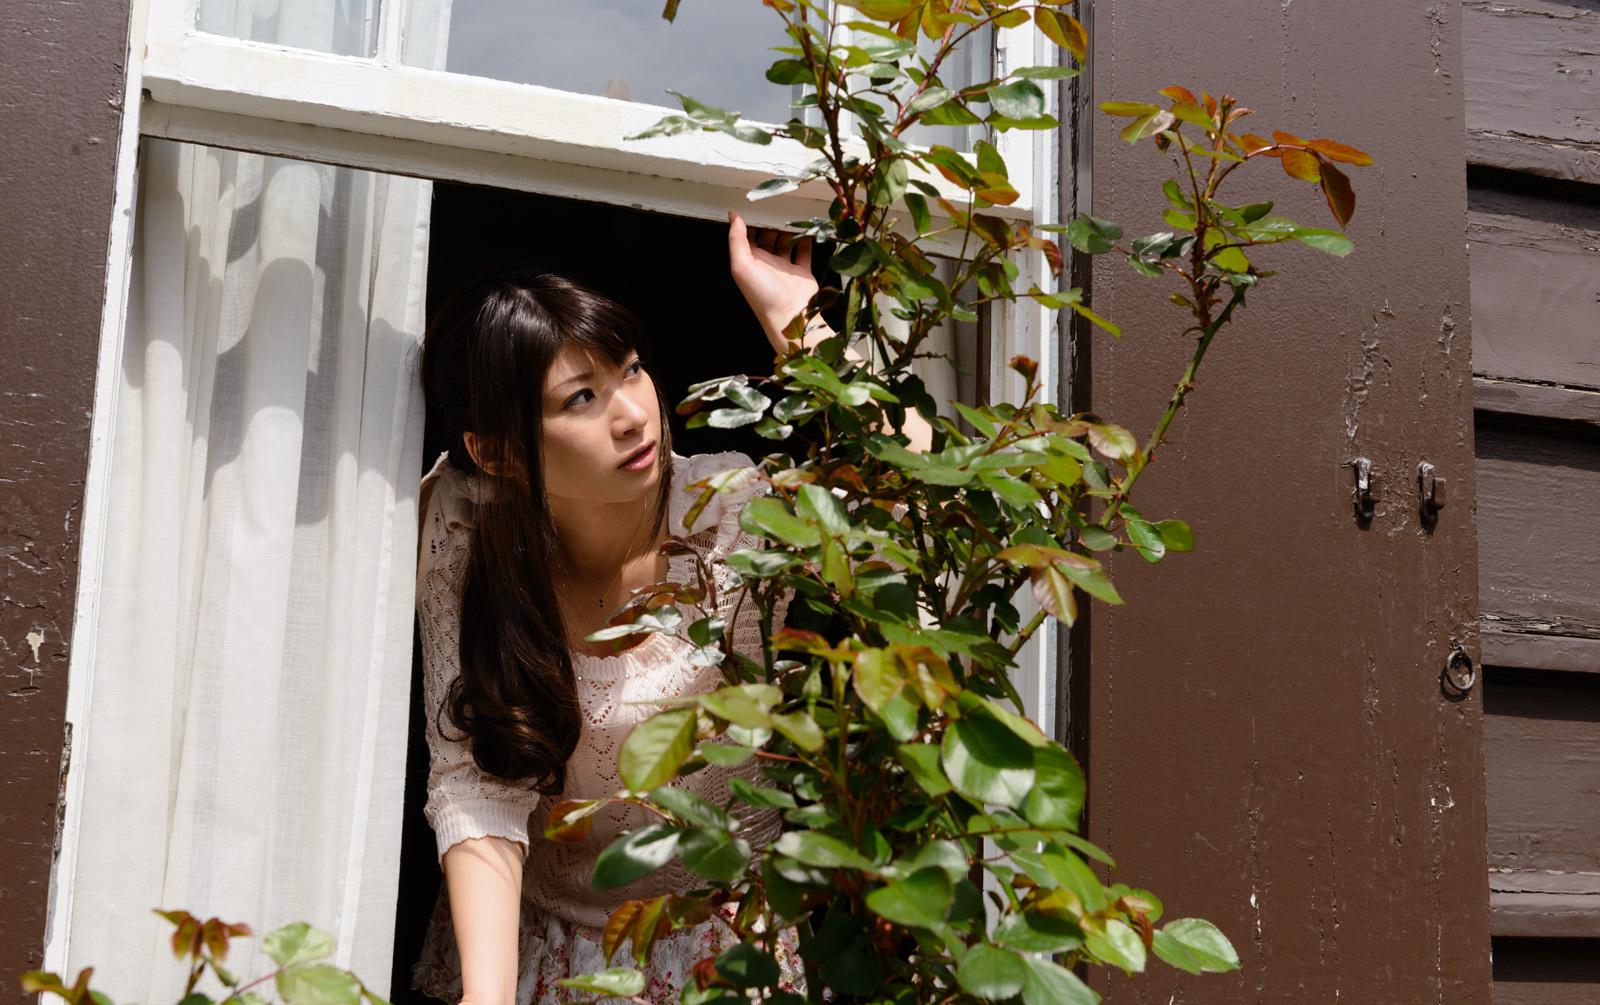 緒川りお 画像 6